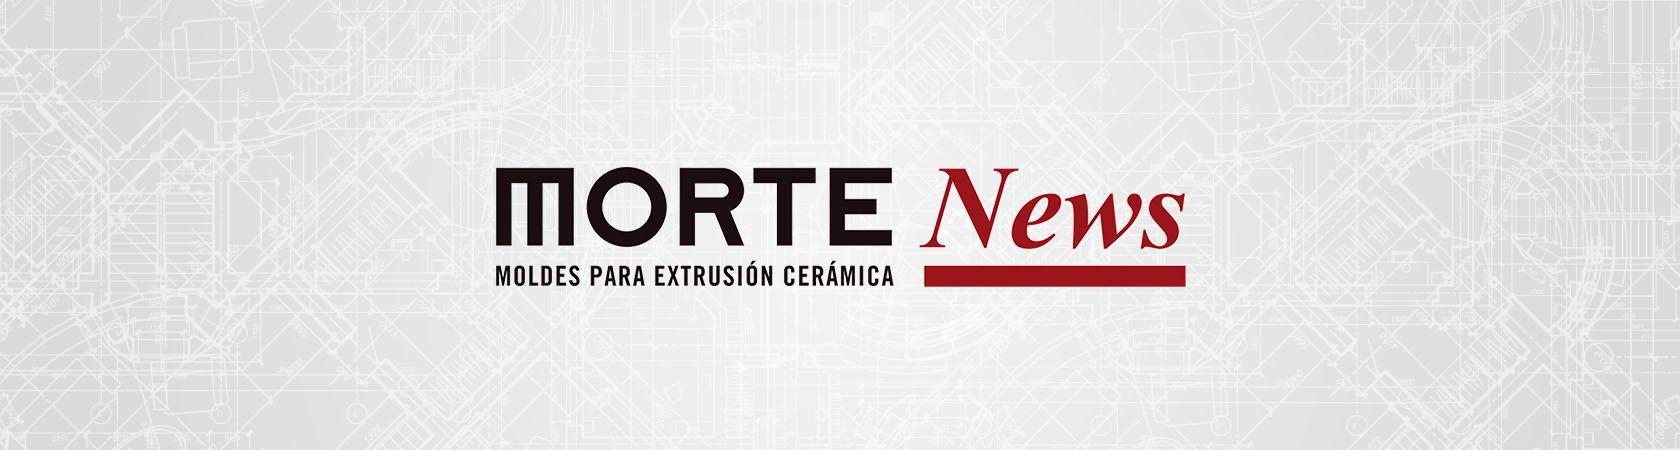 Morte News